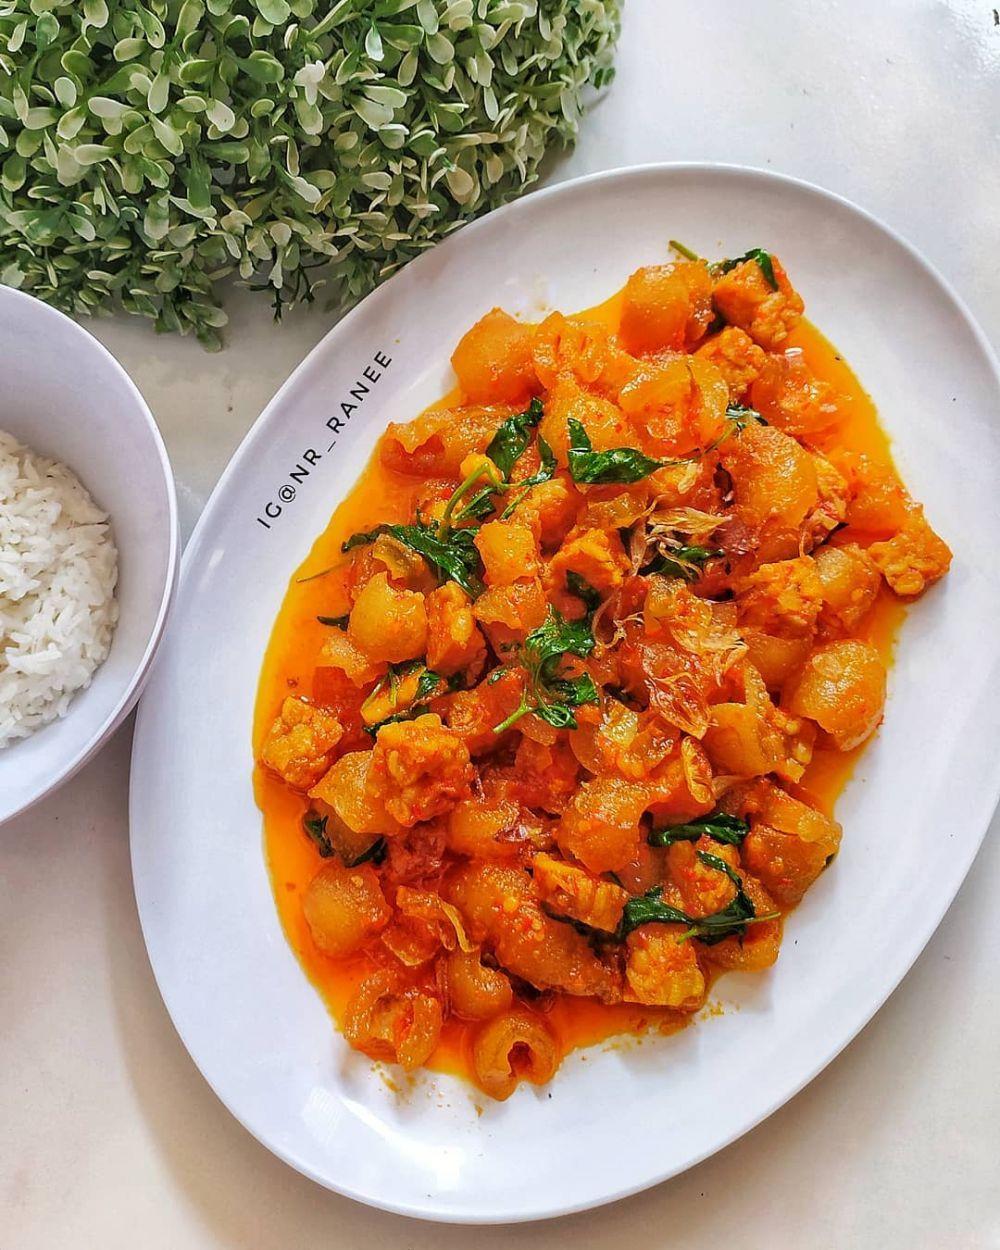 Resep Olahan Krecek Berbagai Sumber Resep Resep Masakan Asia Resep Masakan